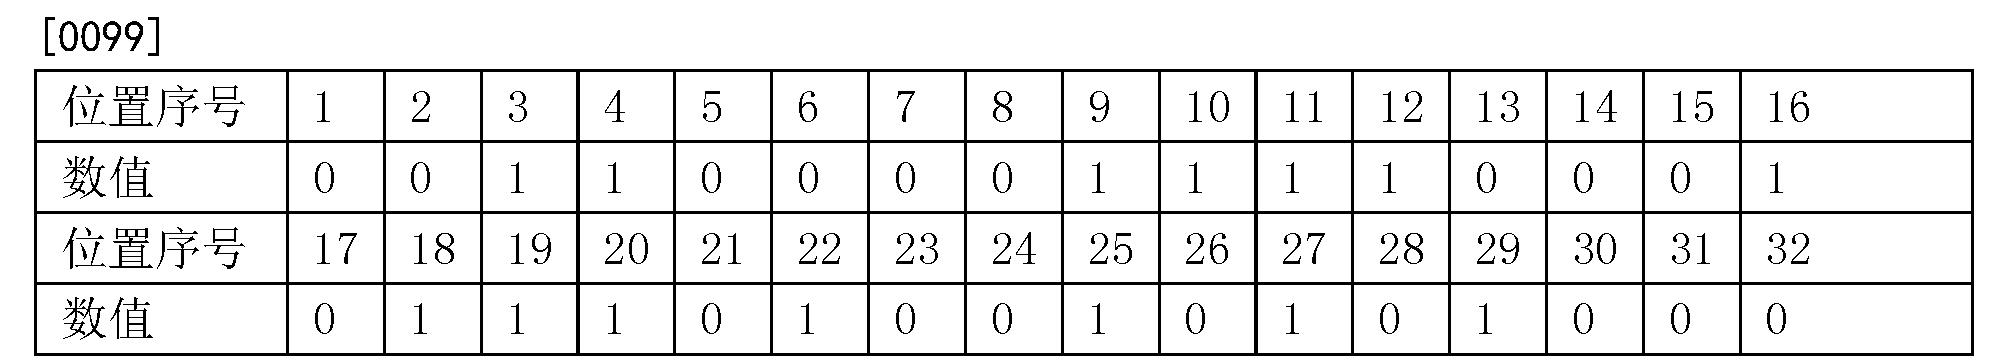 Figure CN104658608BD00131